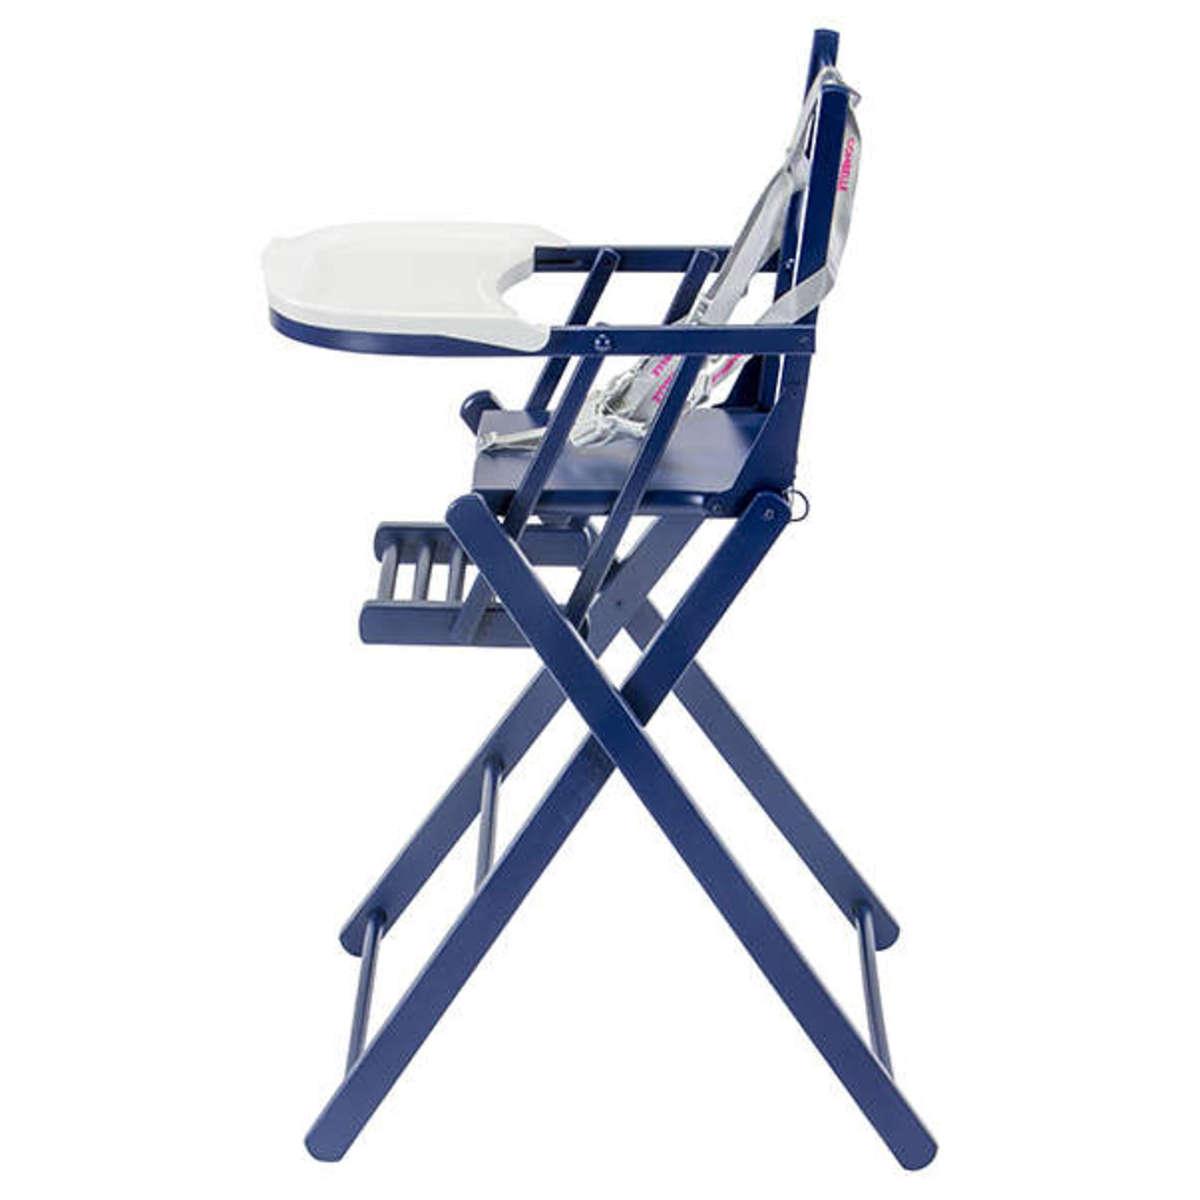 chaise haute pliante laqu 233 bleu 846c achat vente chaise haute sur